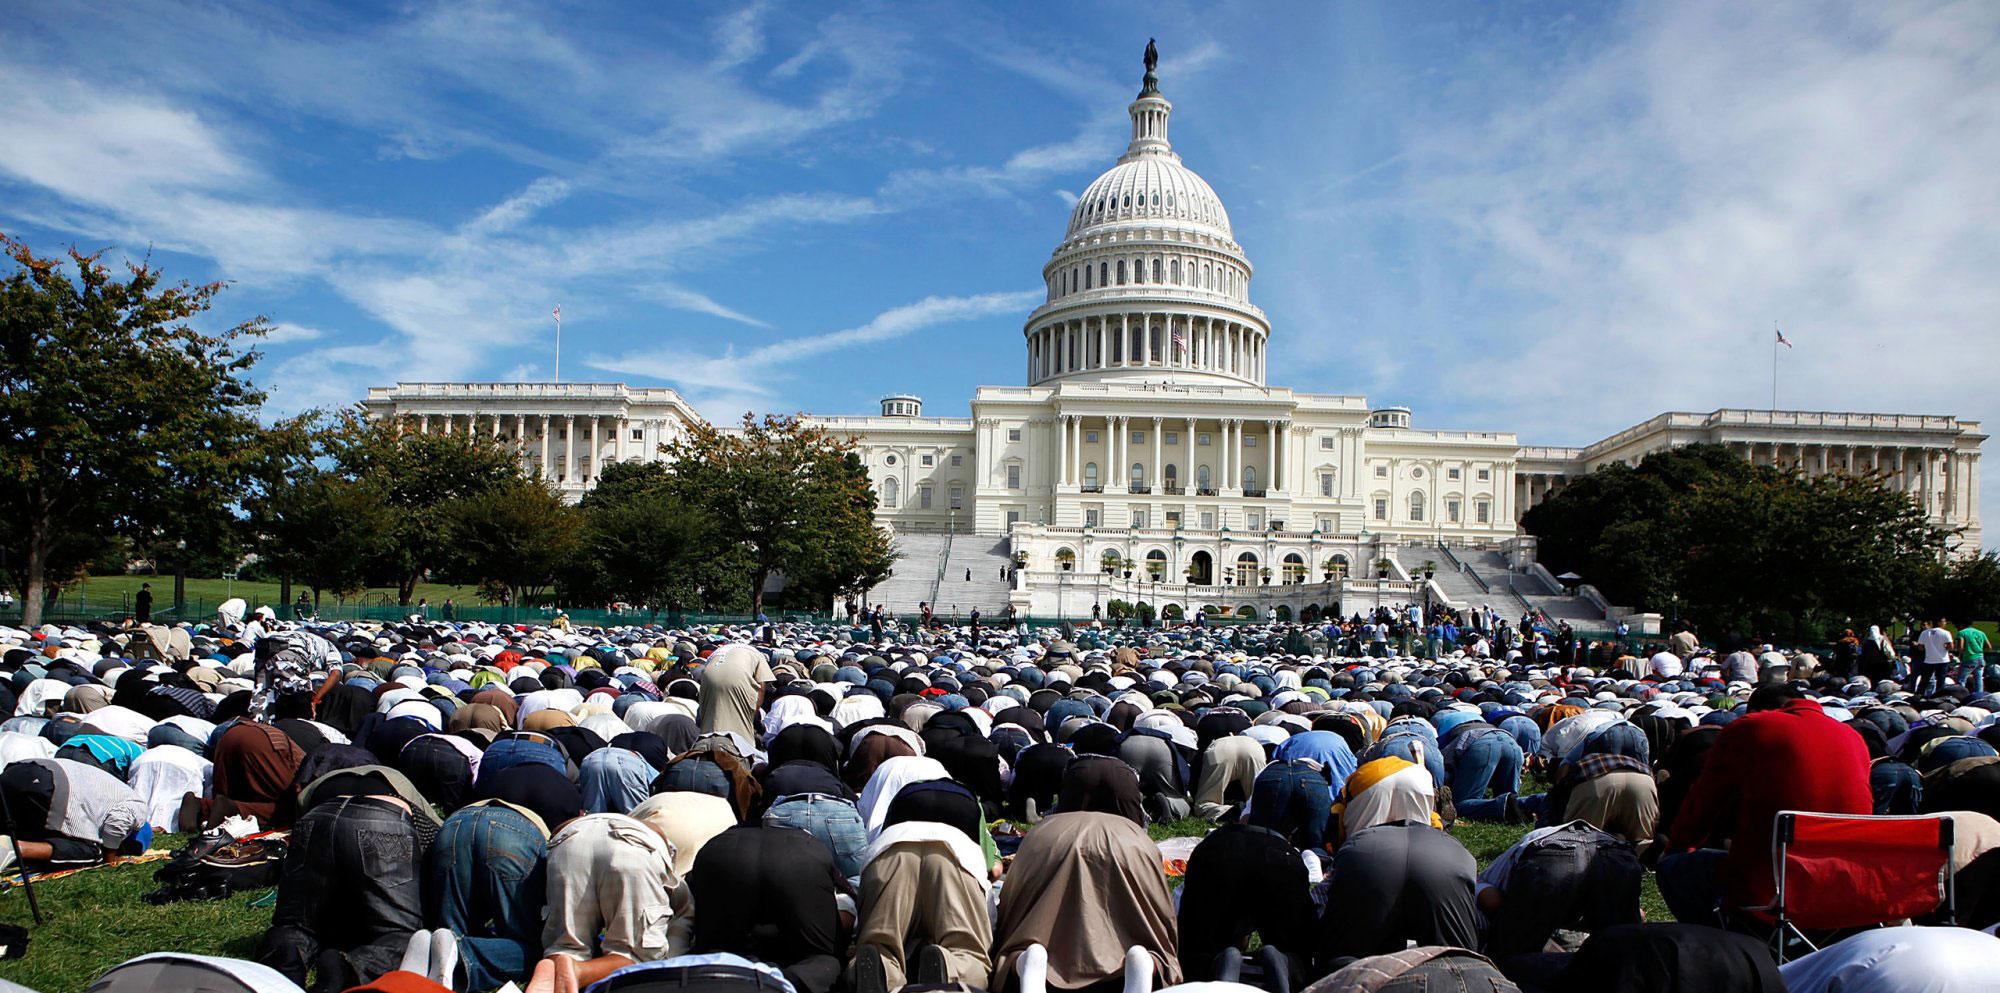 المسلمون في أمريكا يؤدون صلاة العيد في أجواء آمنة و مبهجة